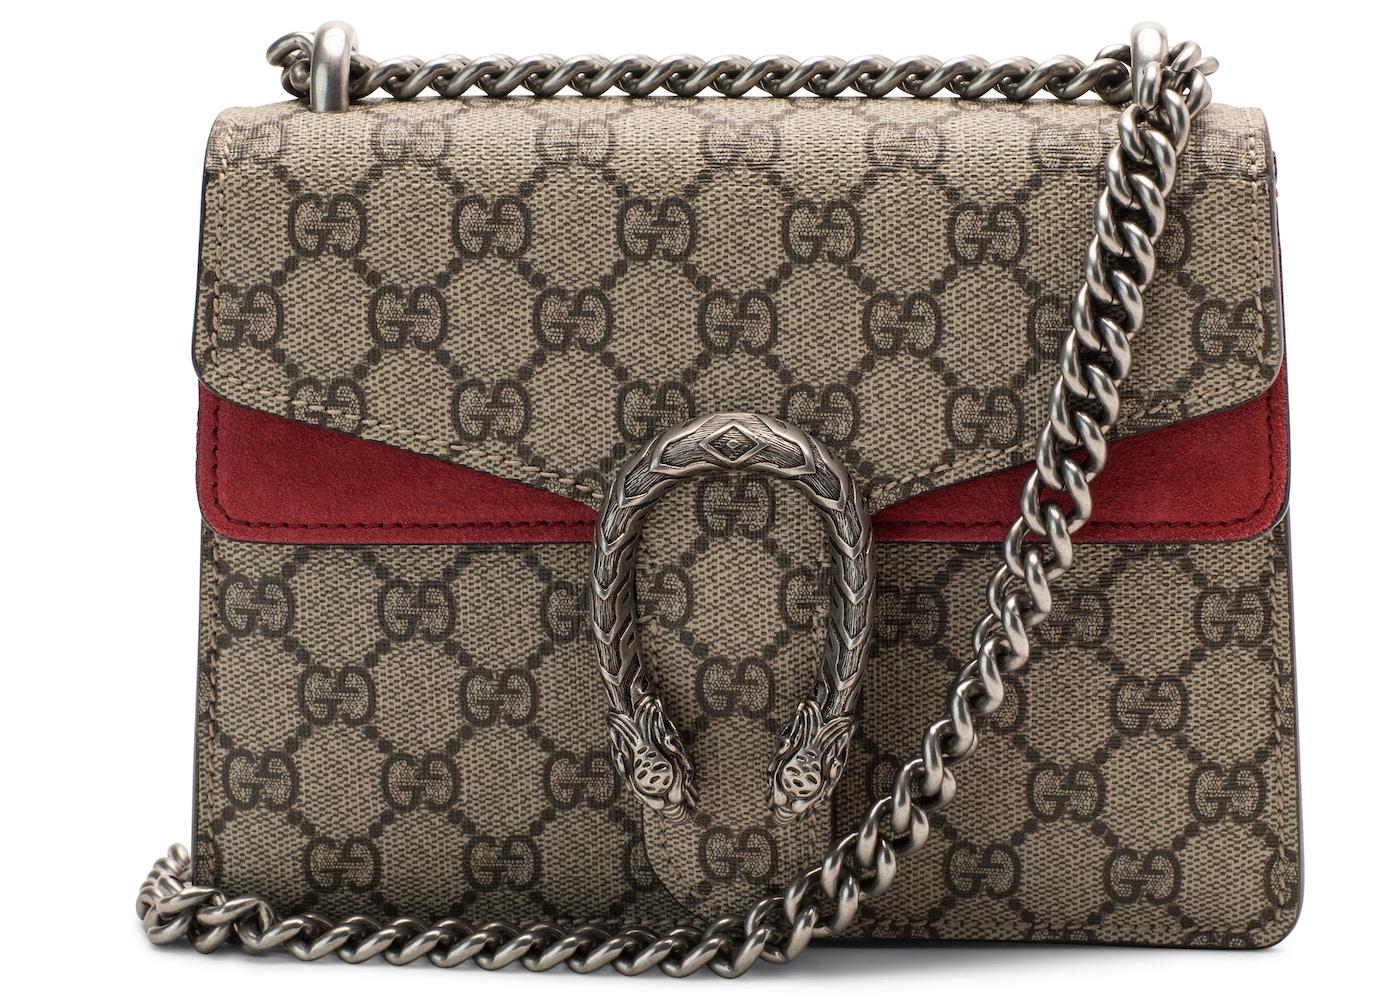 ff6769a7 Gucci Dionysus GG Supreme Suede Mini Red